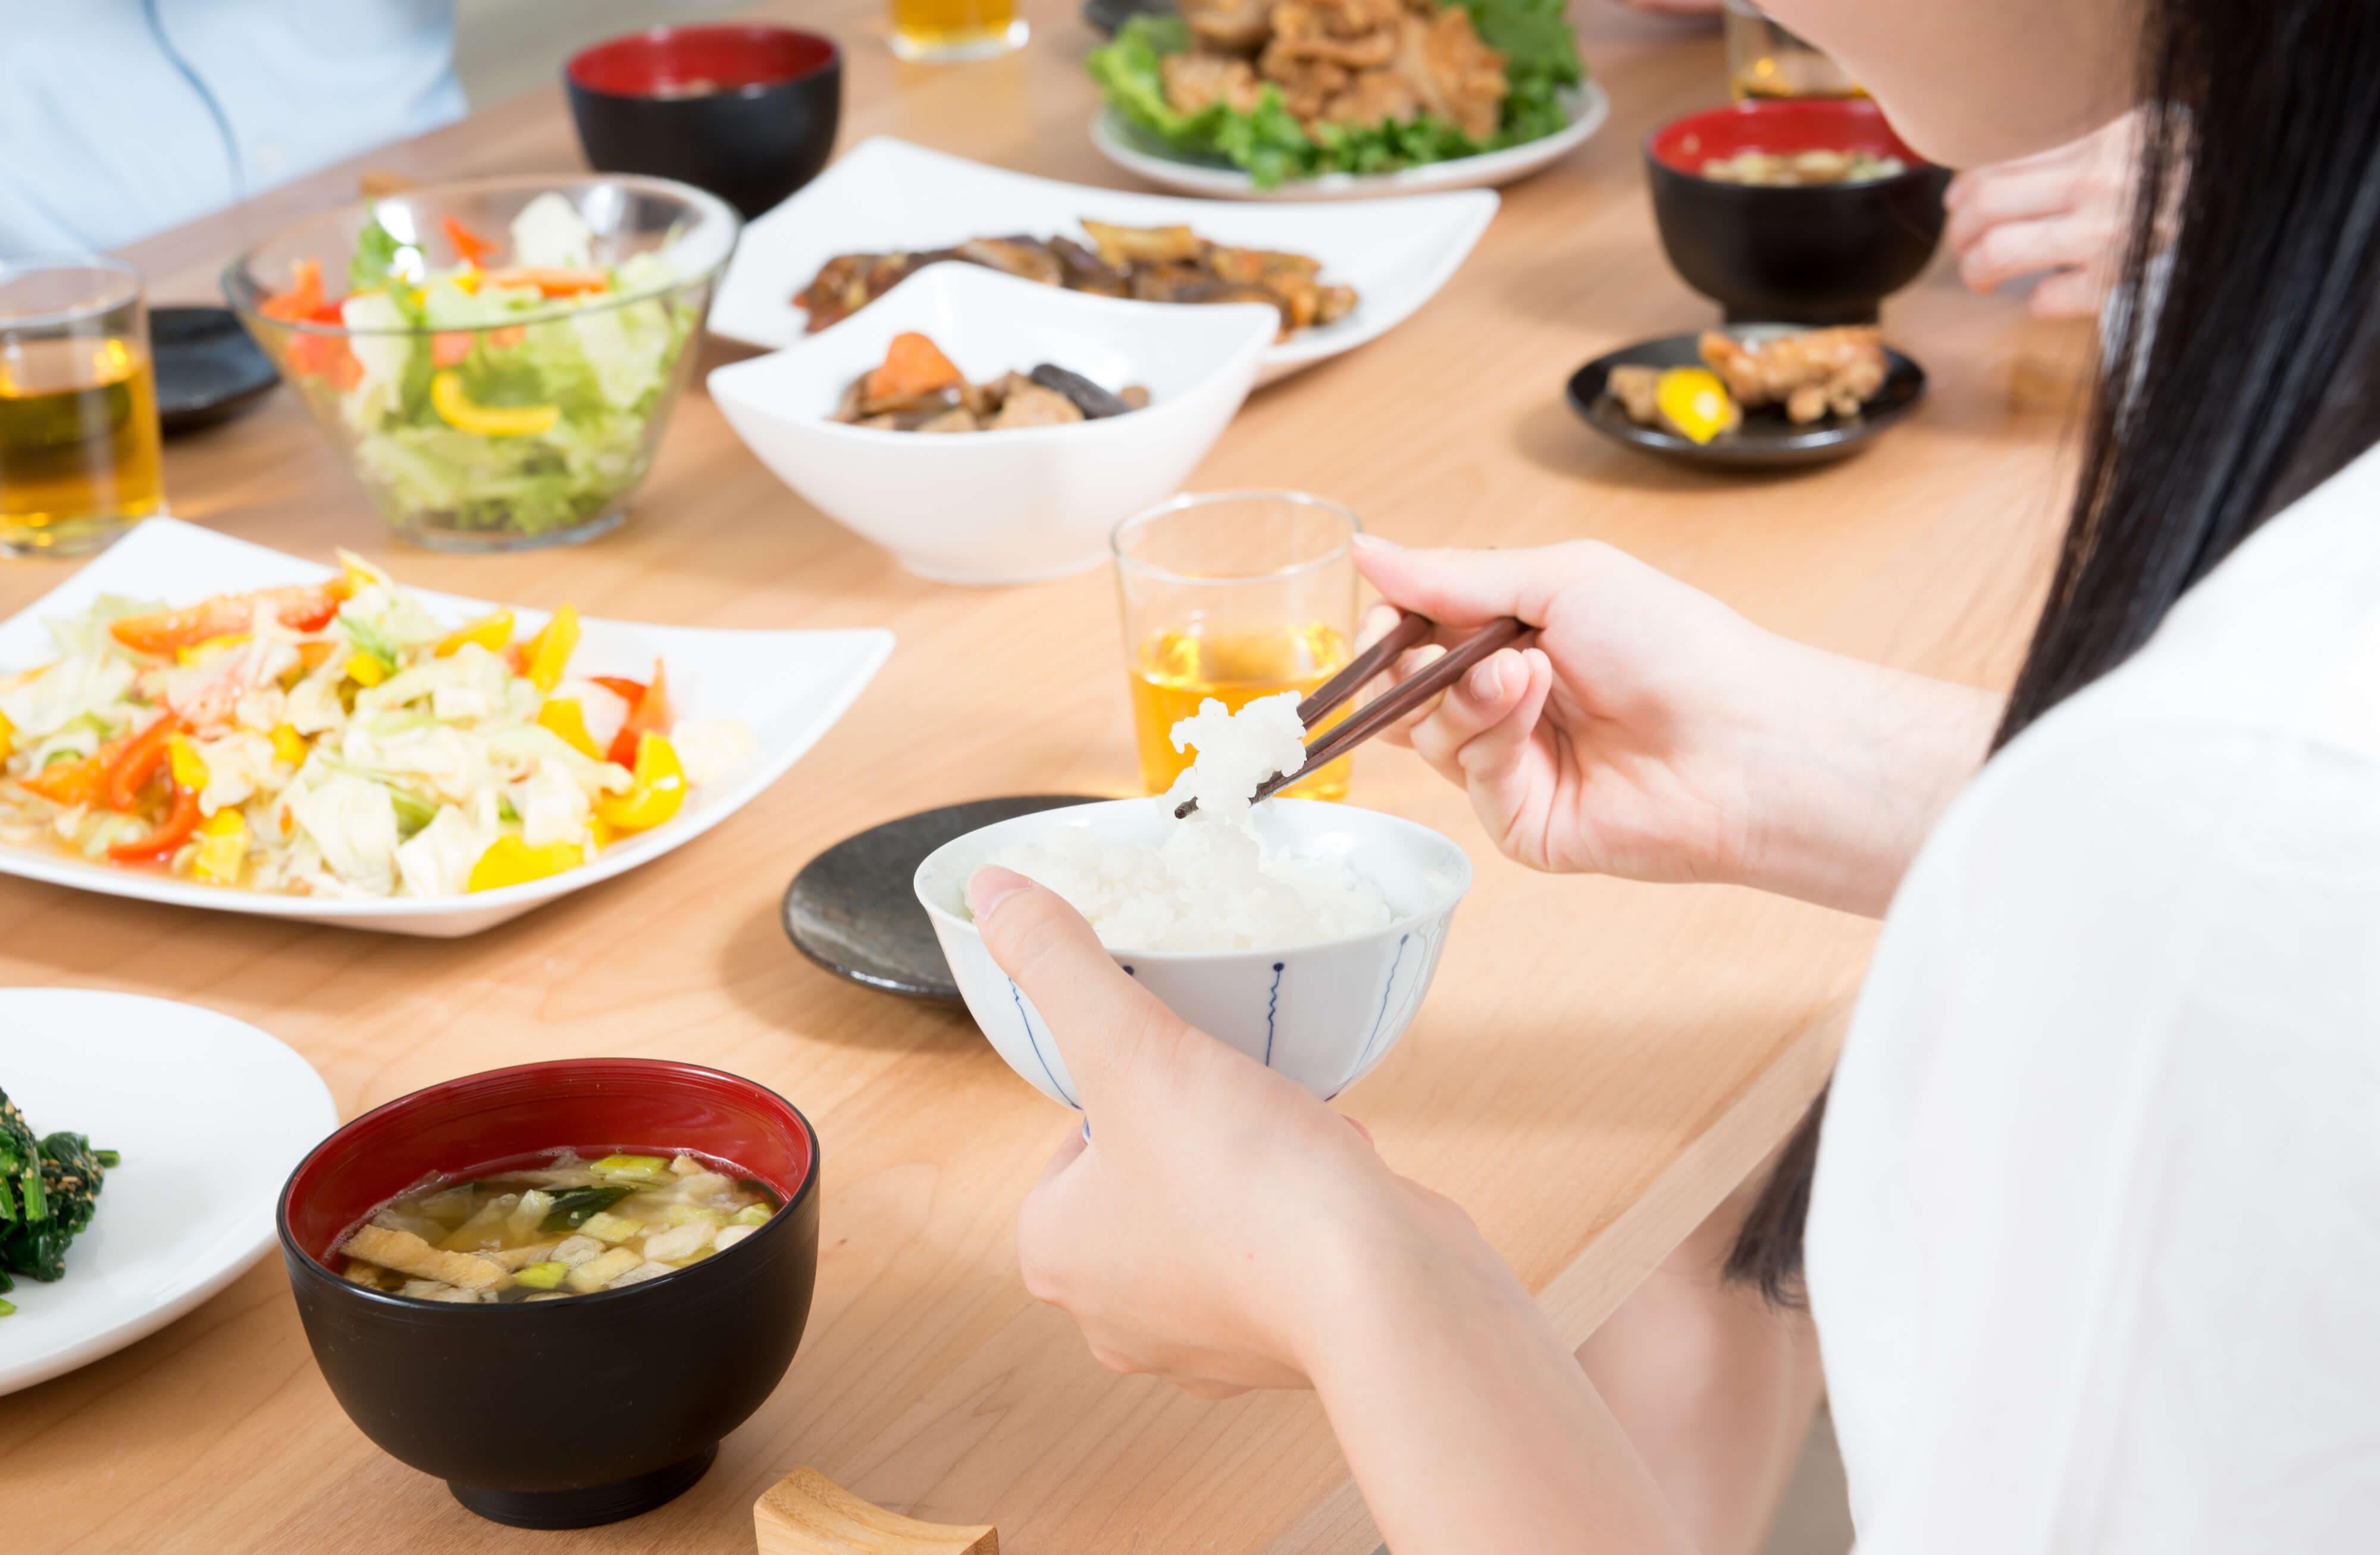 【レシピ付き】妊娠力を高める4つのおすすめ料理